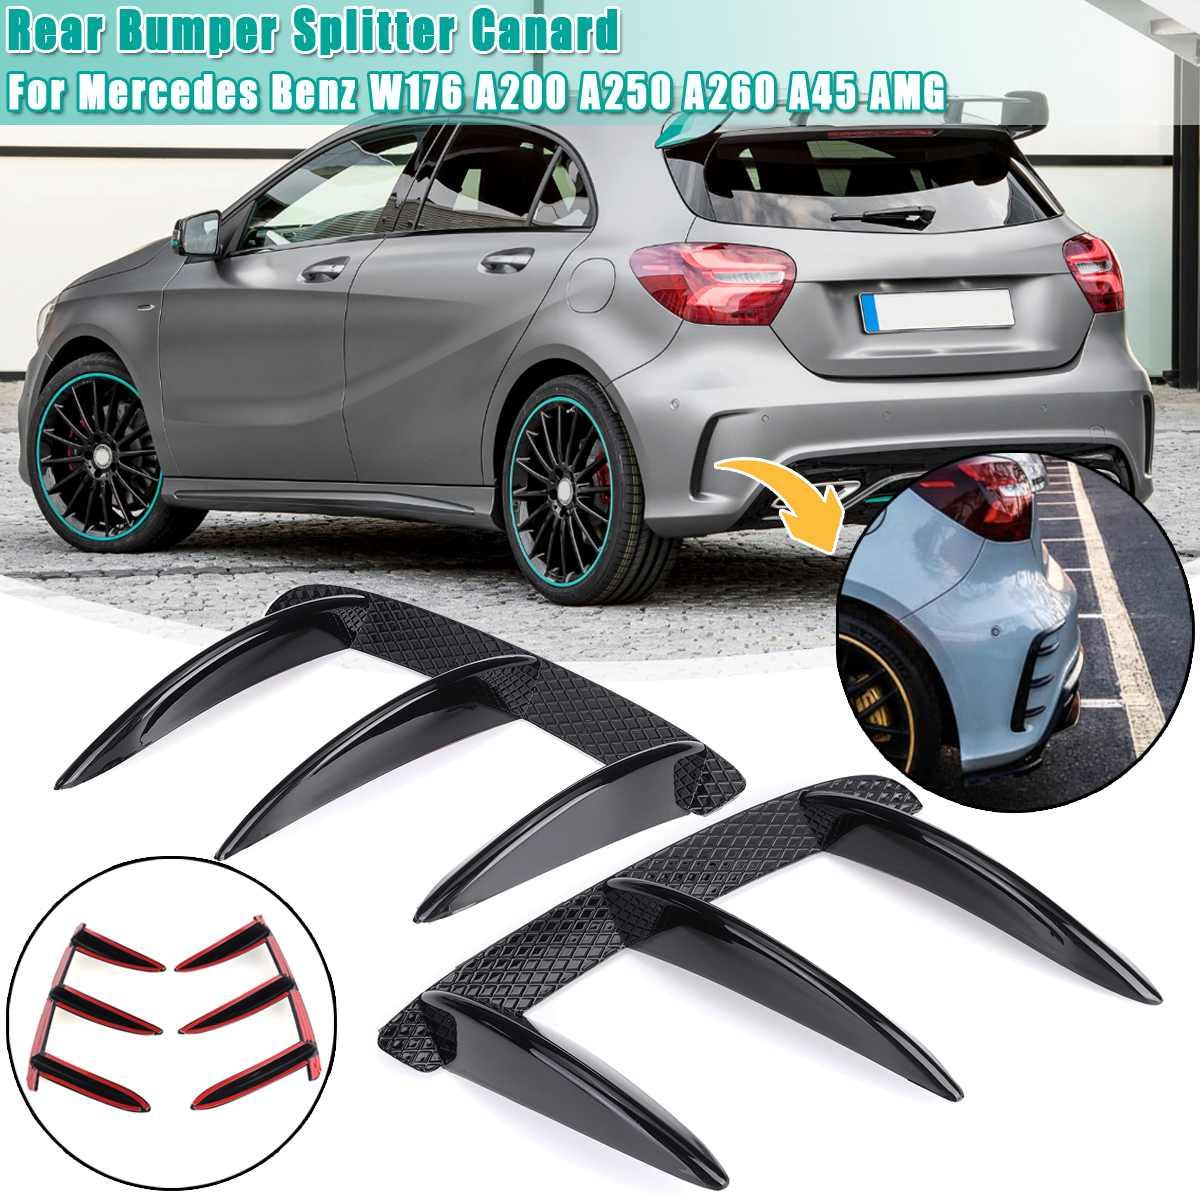 2 pièces W176 séparateur pare-chocs arrière Canards Spoiler pour Mercedes pour Benz W176 A200 A250 A260 A45 pour AMG paquet ABS noir